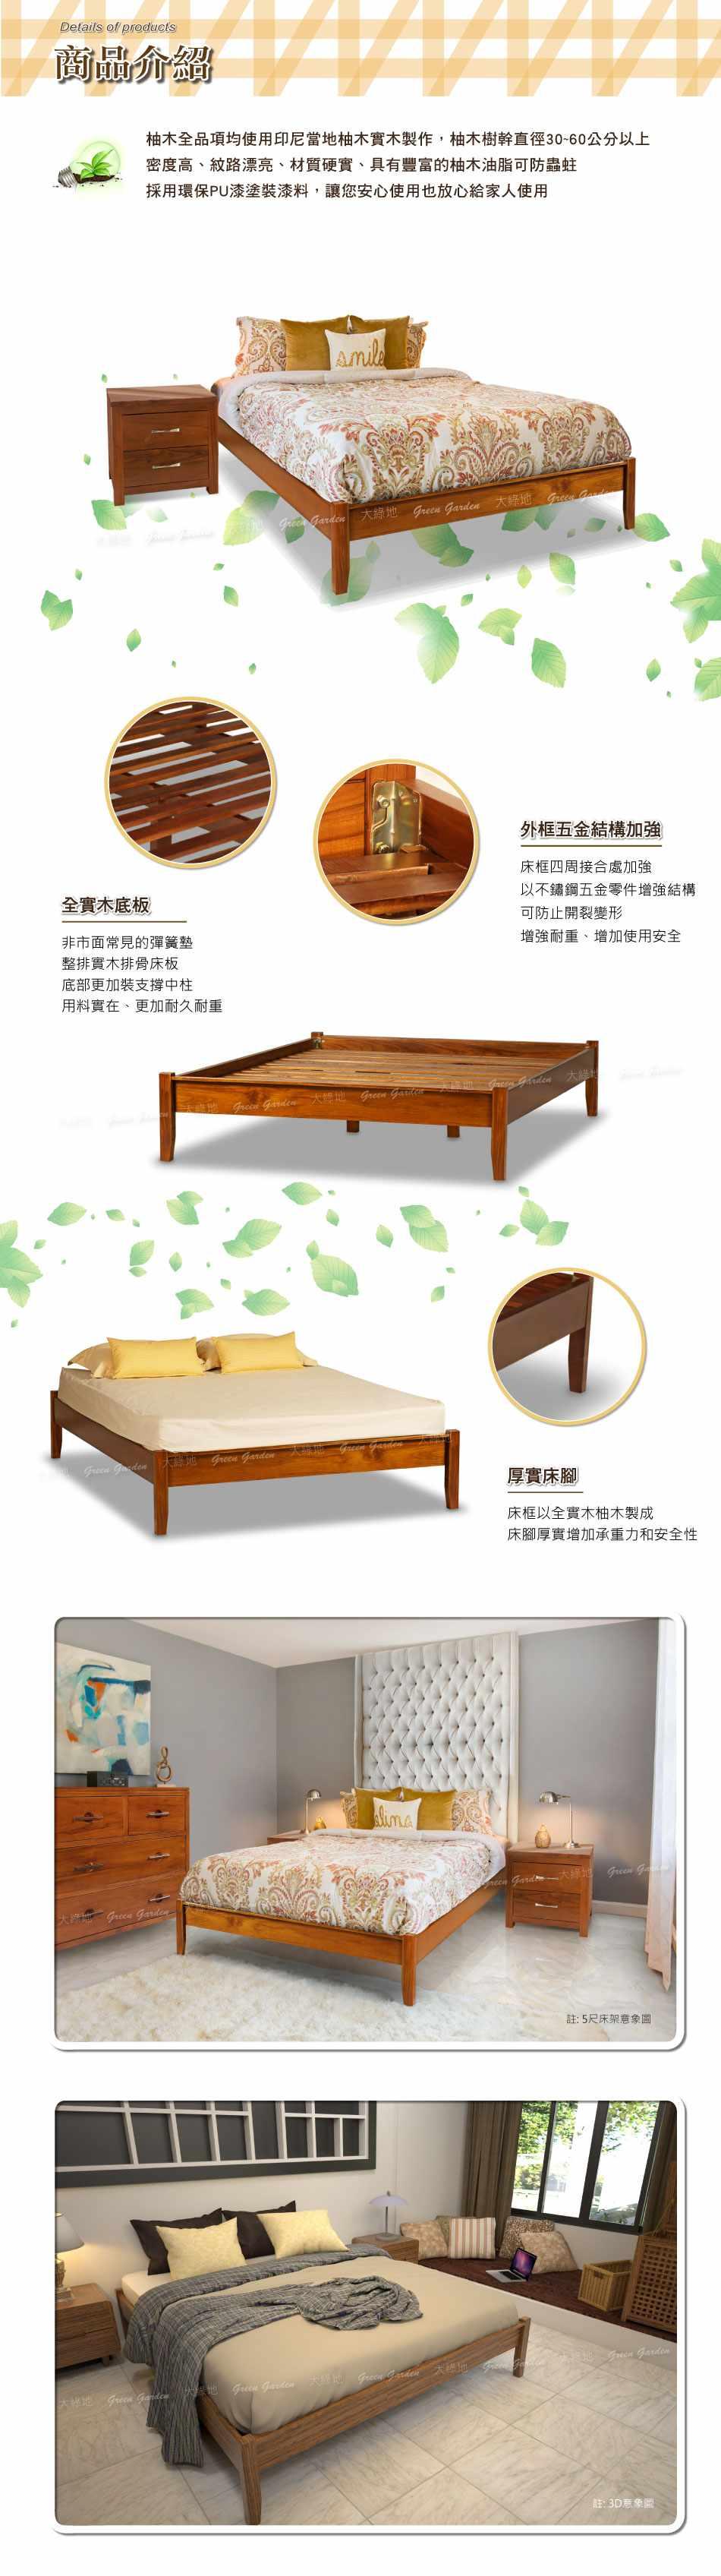 簡約柚木床雙人